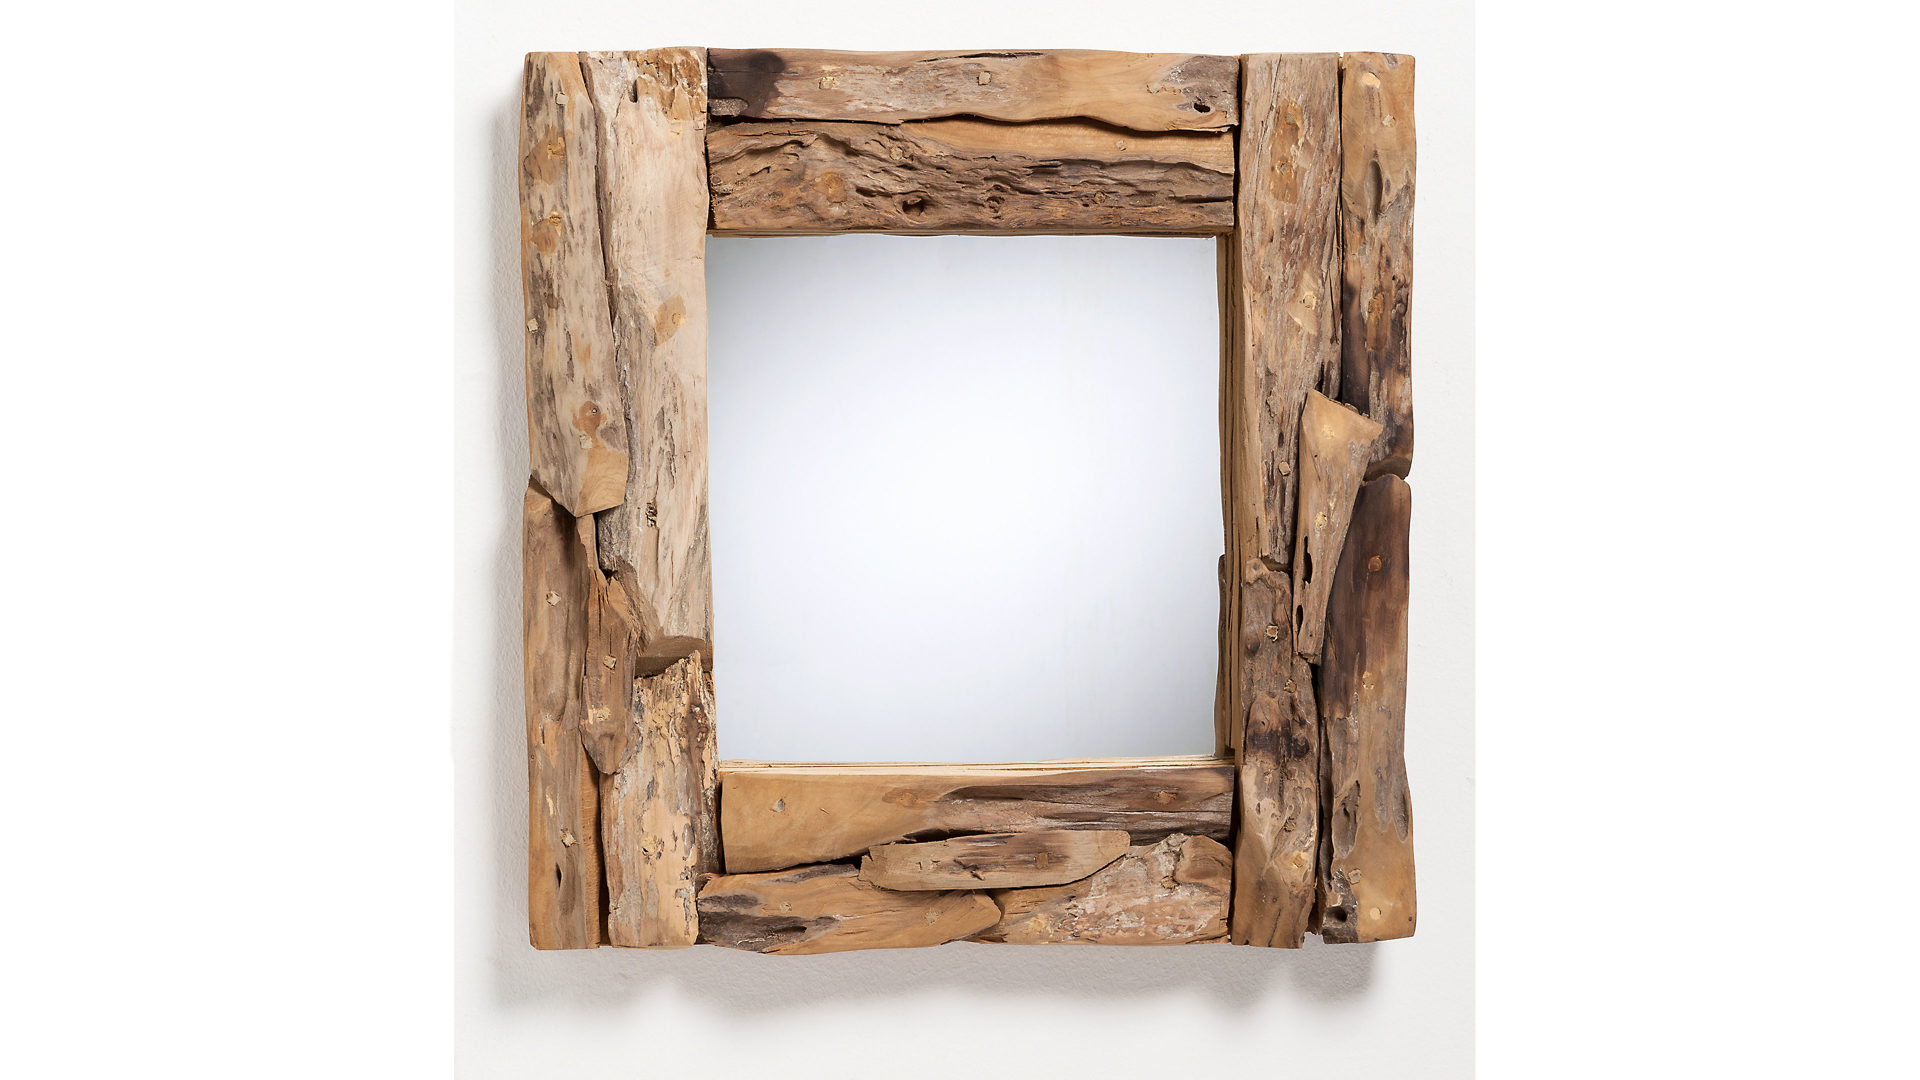 Spiegel Standspiegel wohnland breitwieser möbel a z spiegel standspiegel spiegel